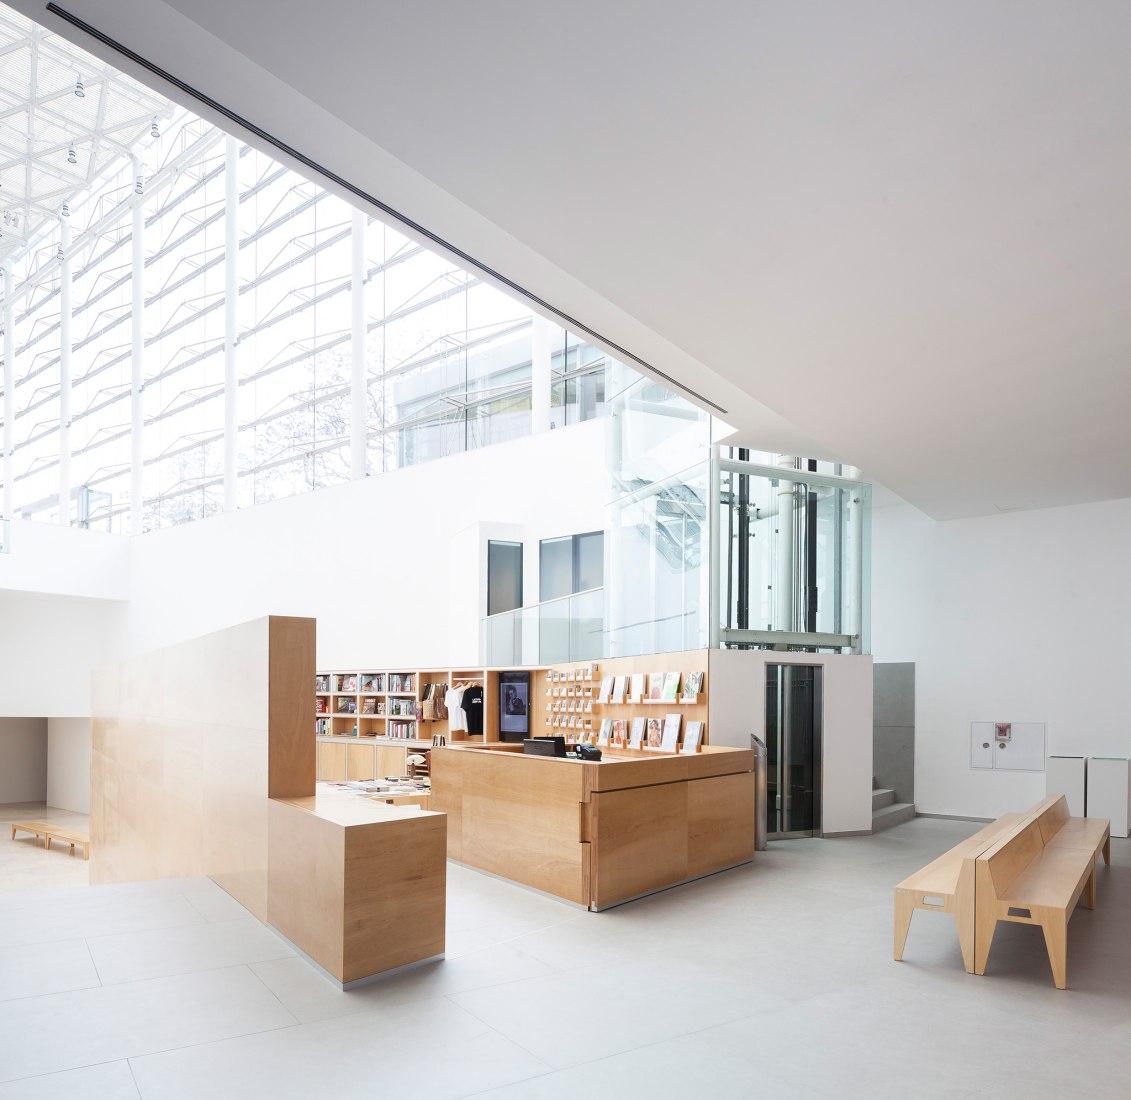 Zona librería MALBA por Estudio Herreros. Fotografía © Javier Agustín Rojas